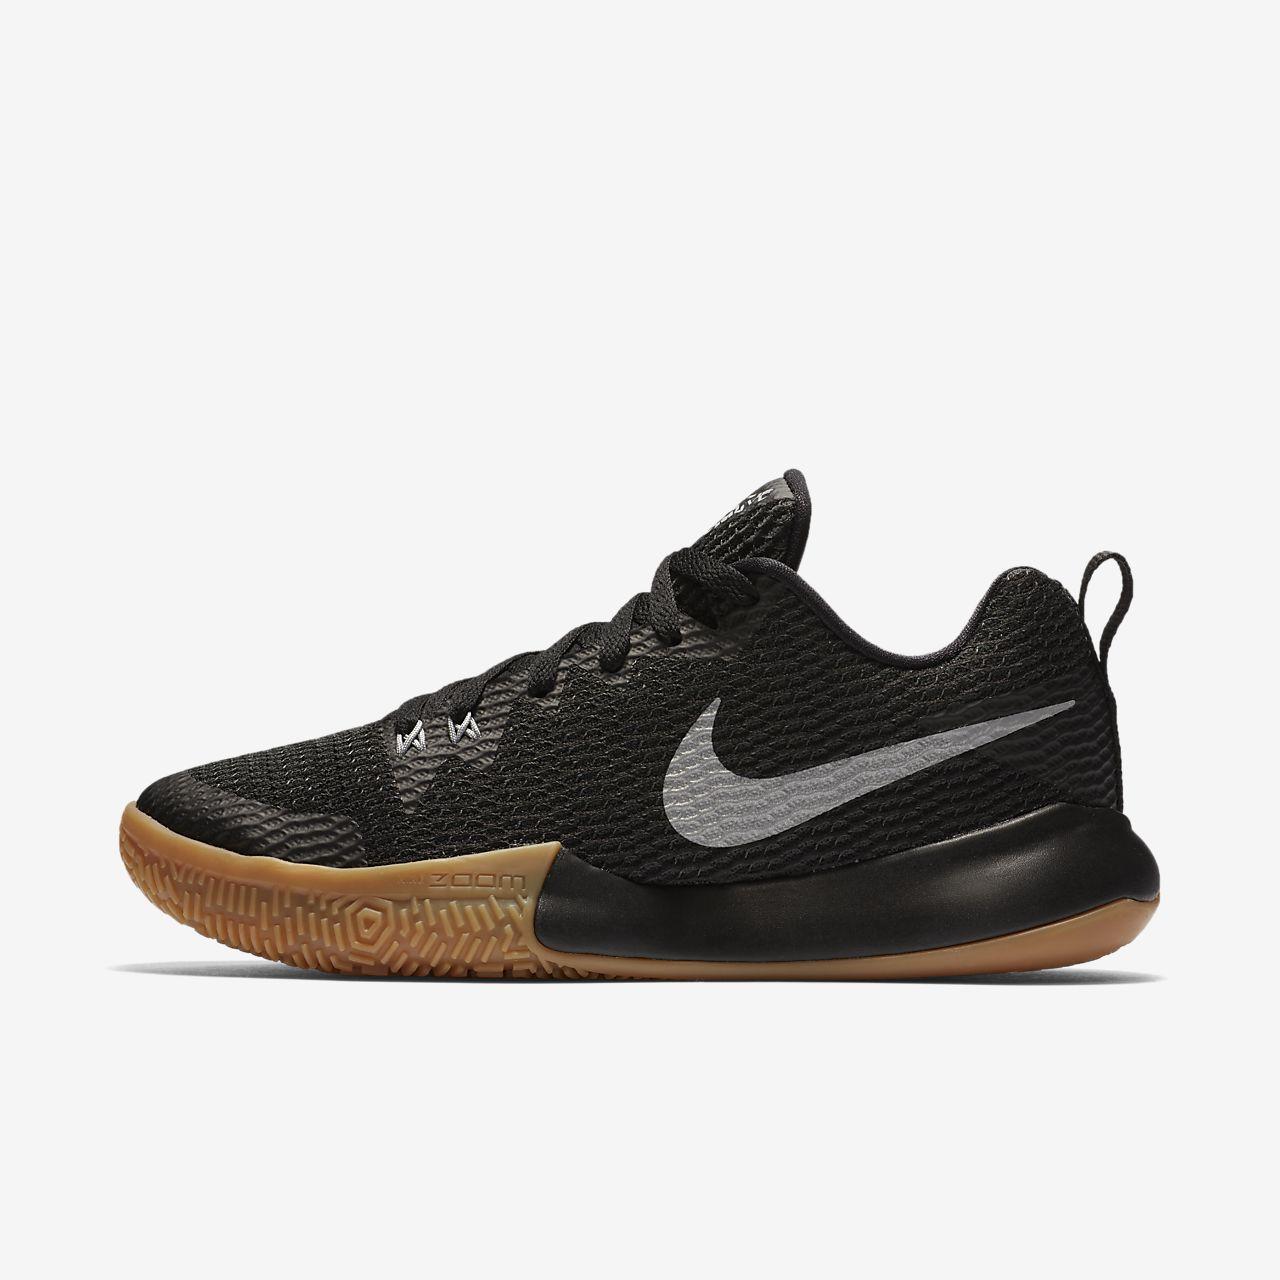 7.5 Wmns Basketball Nike Zoom Live II AH7578-001 Black/Reflect New in Box